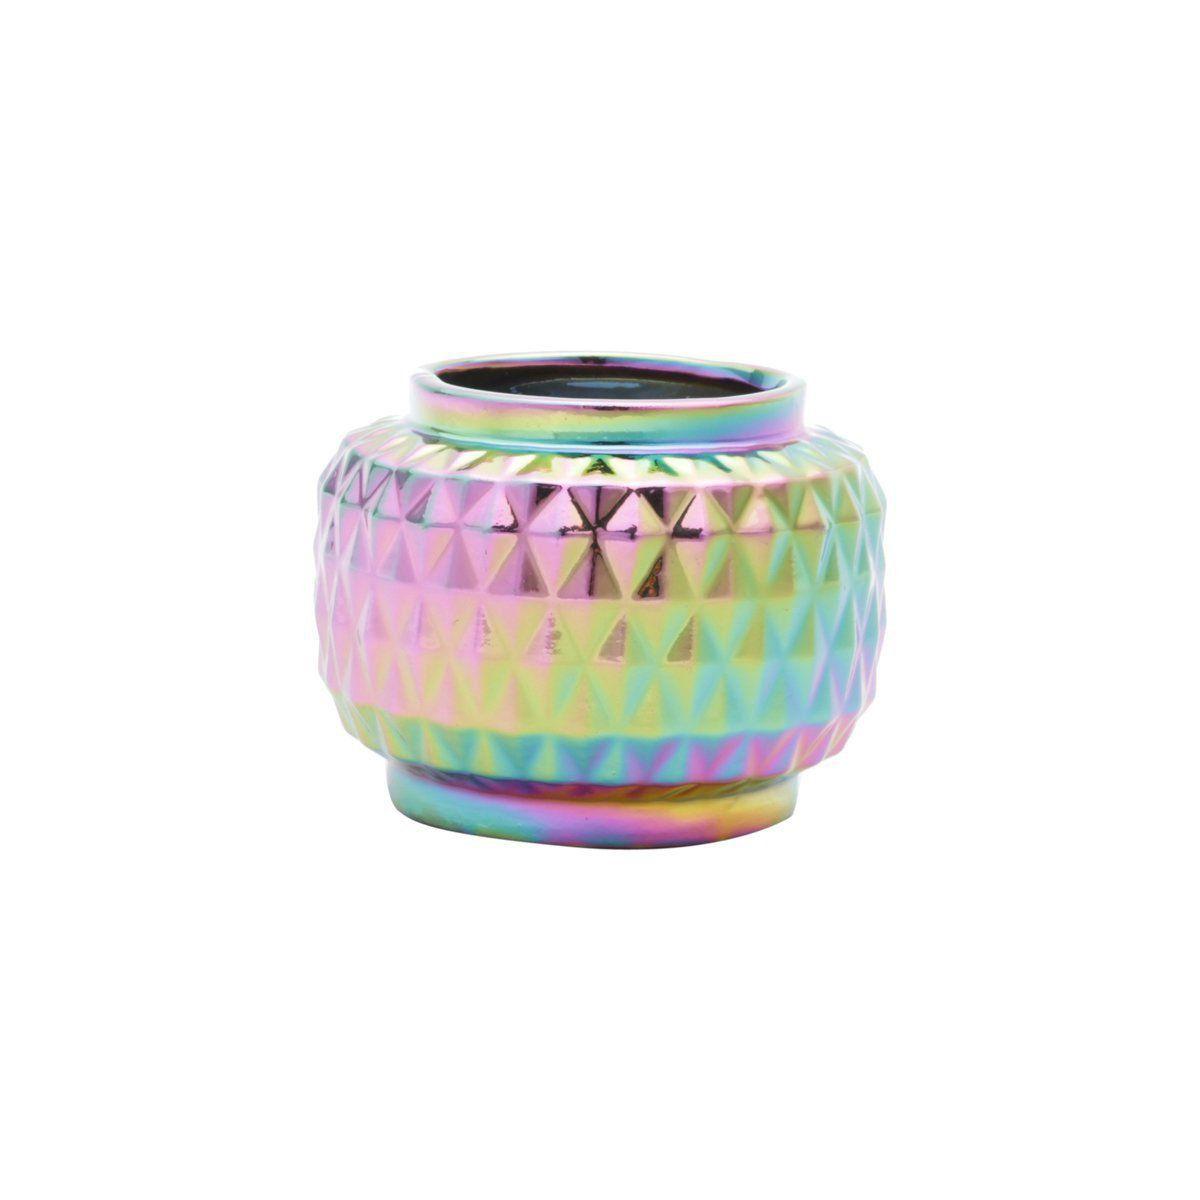 Mini Vaso de Cerâmica Rainbow Spikes Colorido 6,2cm x 8cm - 41119